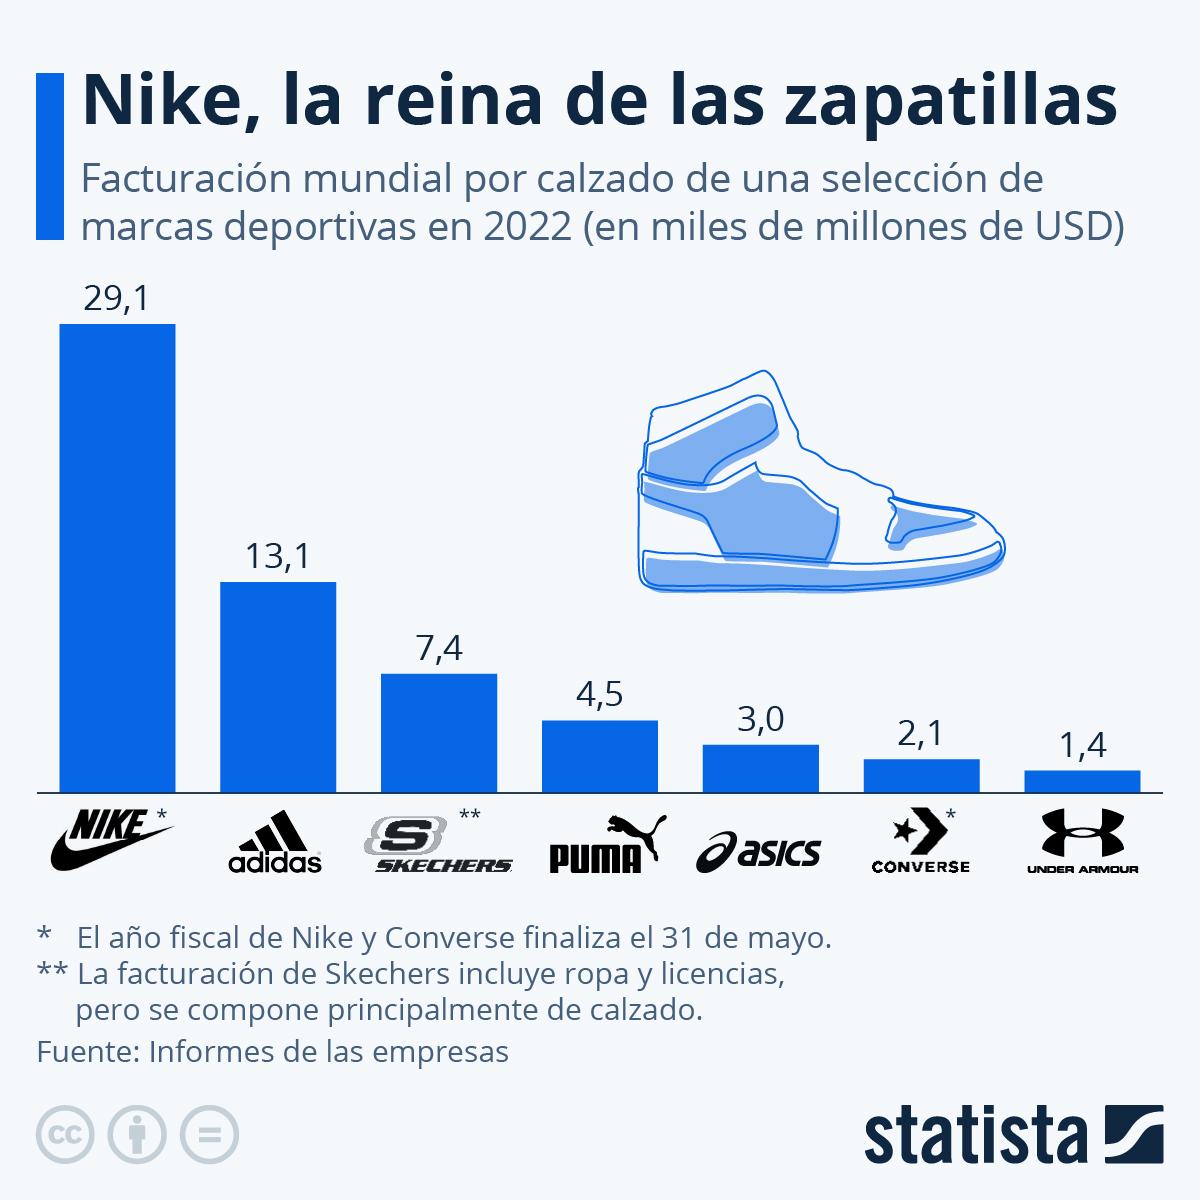 Infografía: Nike, la reina de las zapatillas | Statista